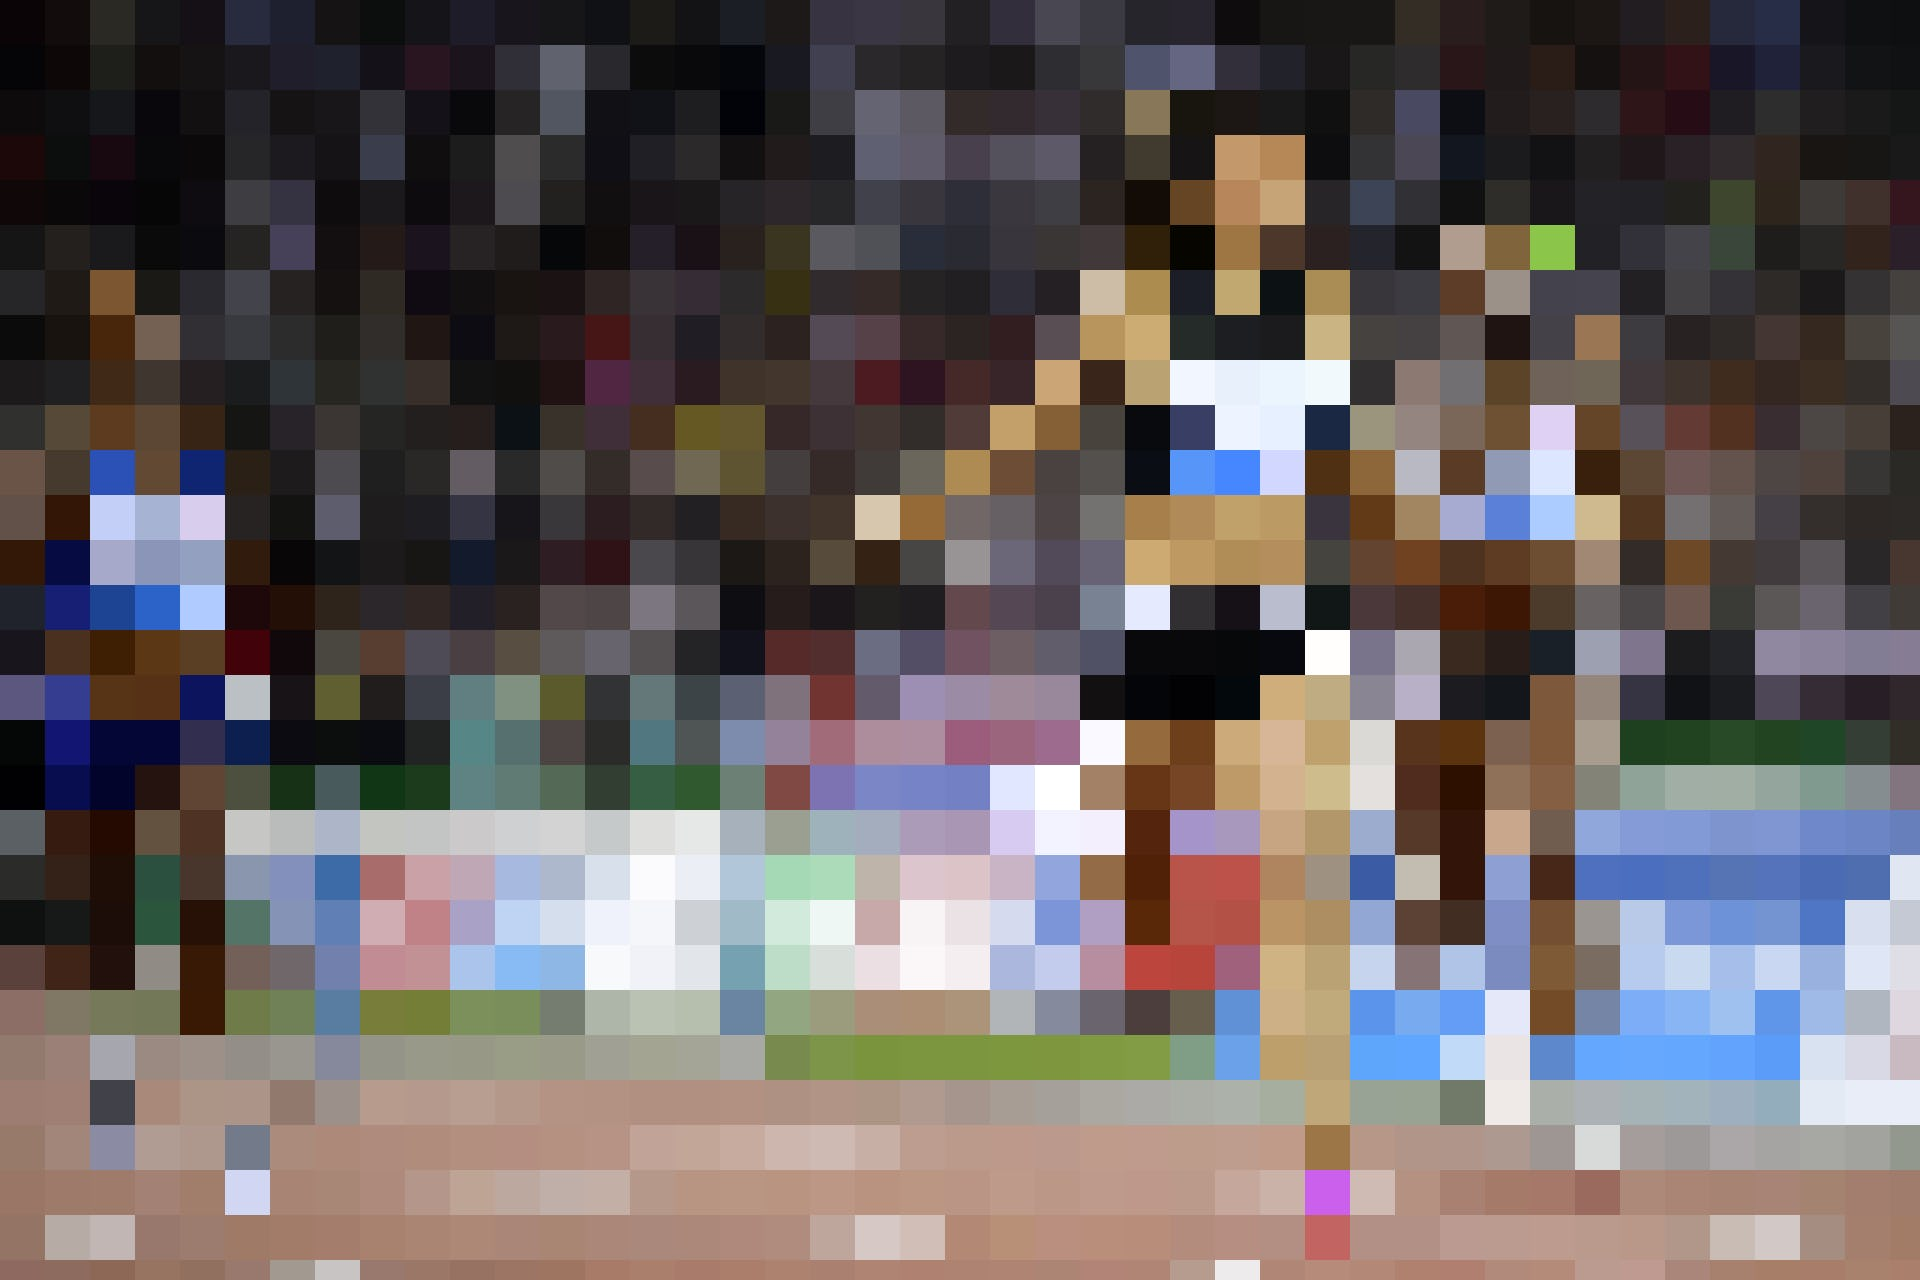 Die erst 22-jährige Olympiasiegerin und Weltrekordhalterin Sydney McLaughlin führt die neue Leichtathletik-Generation an.